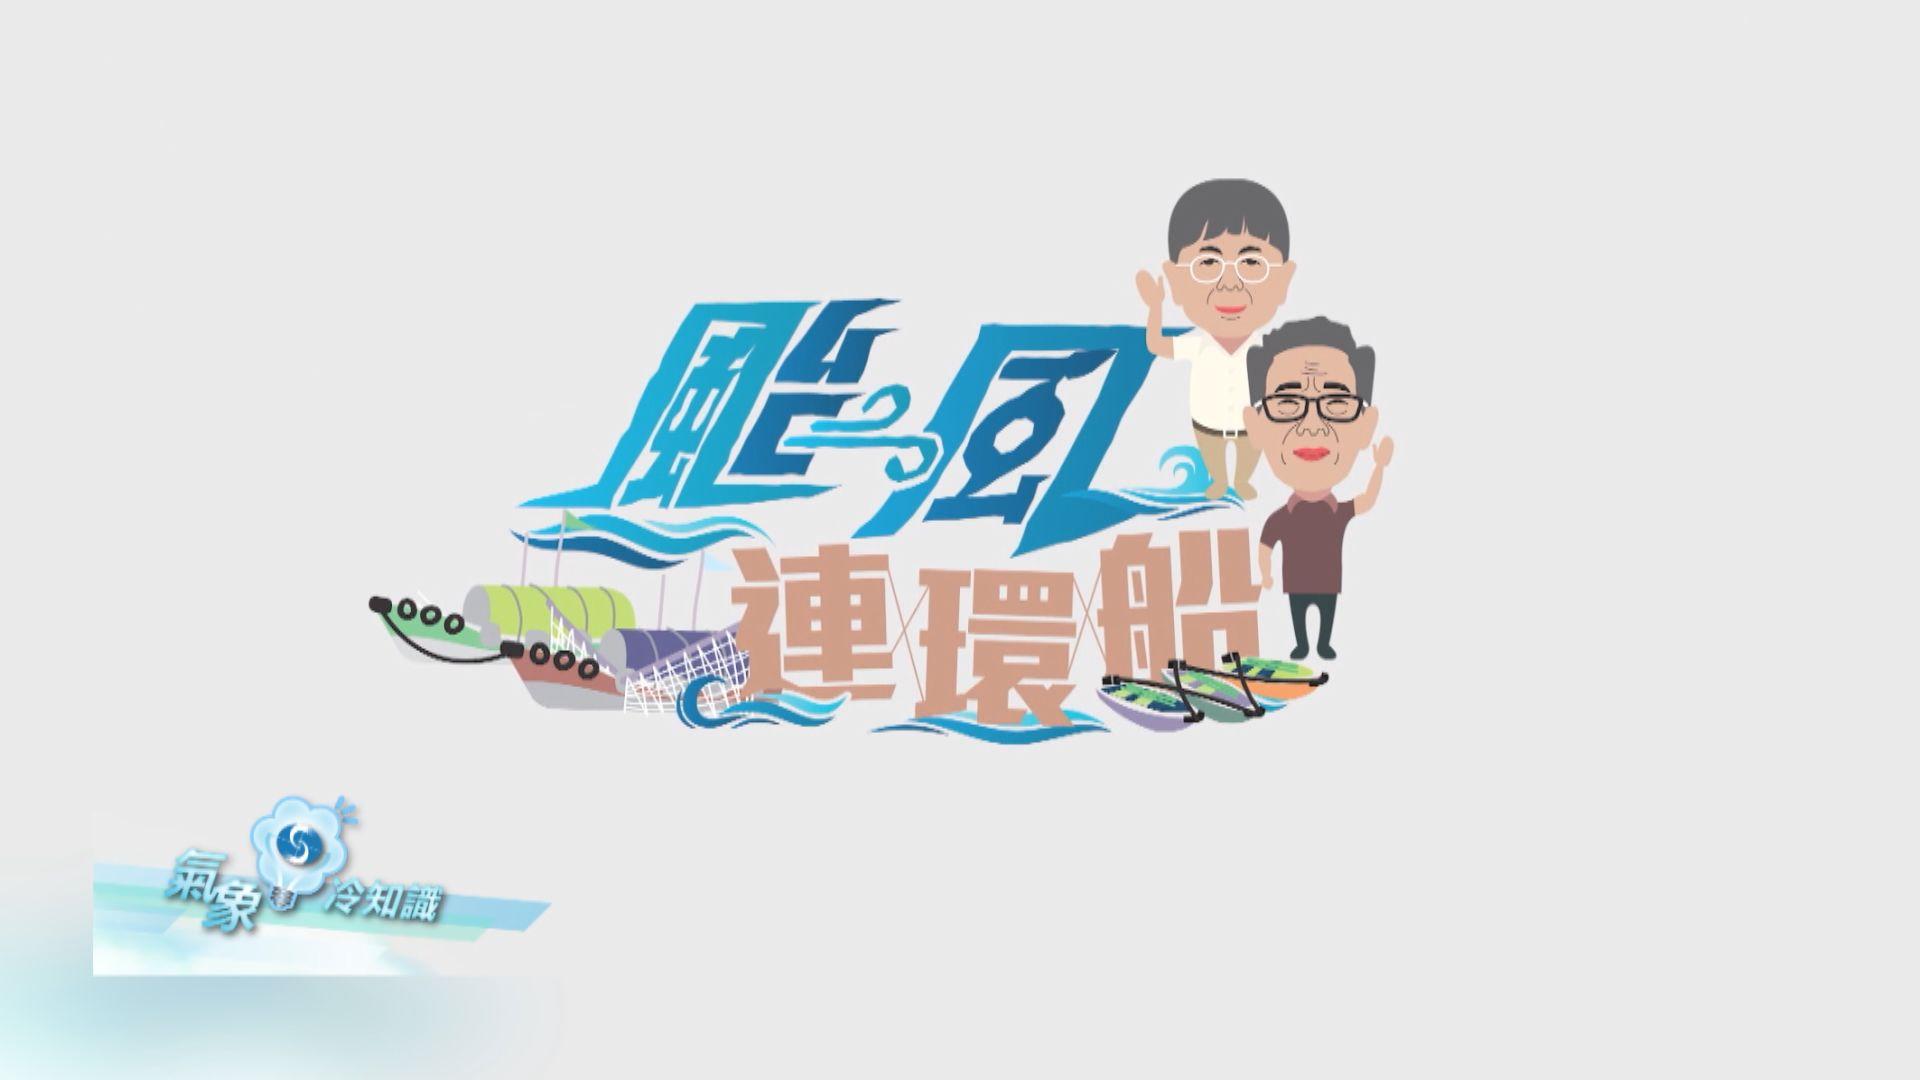 【氣象冷知識】颱風連環船